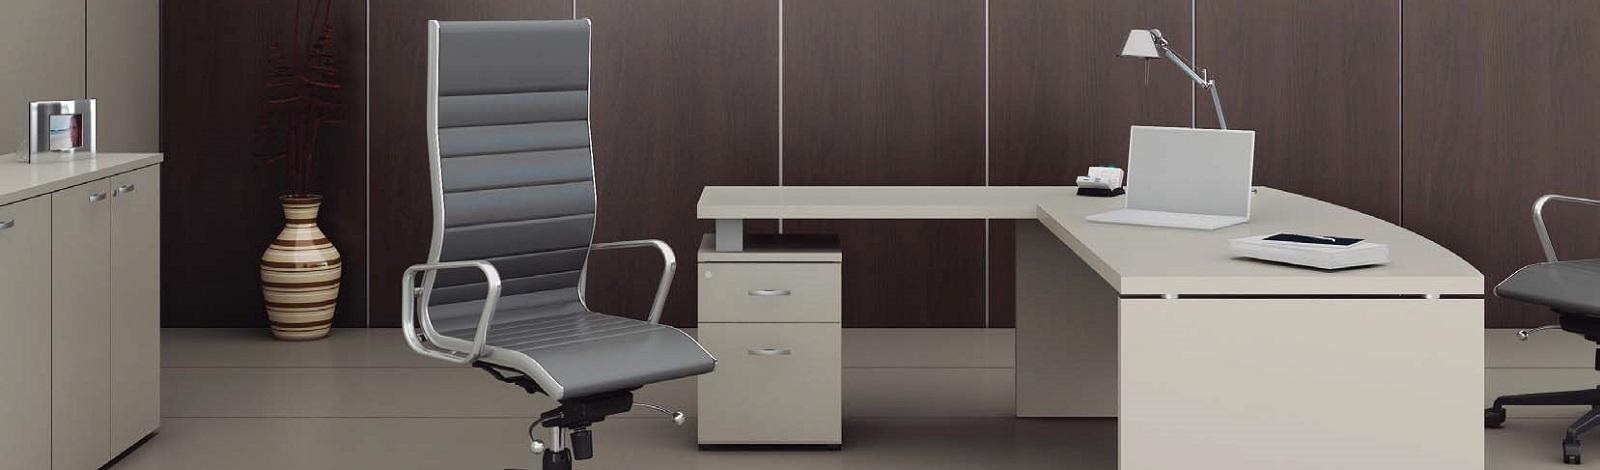 Homepage servicio t cnico especializado en electrodomesticos for Impresoras para oficina